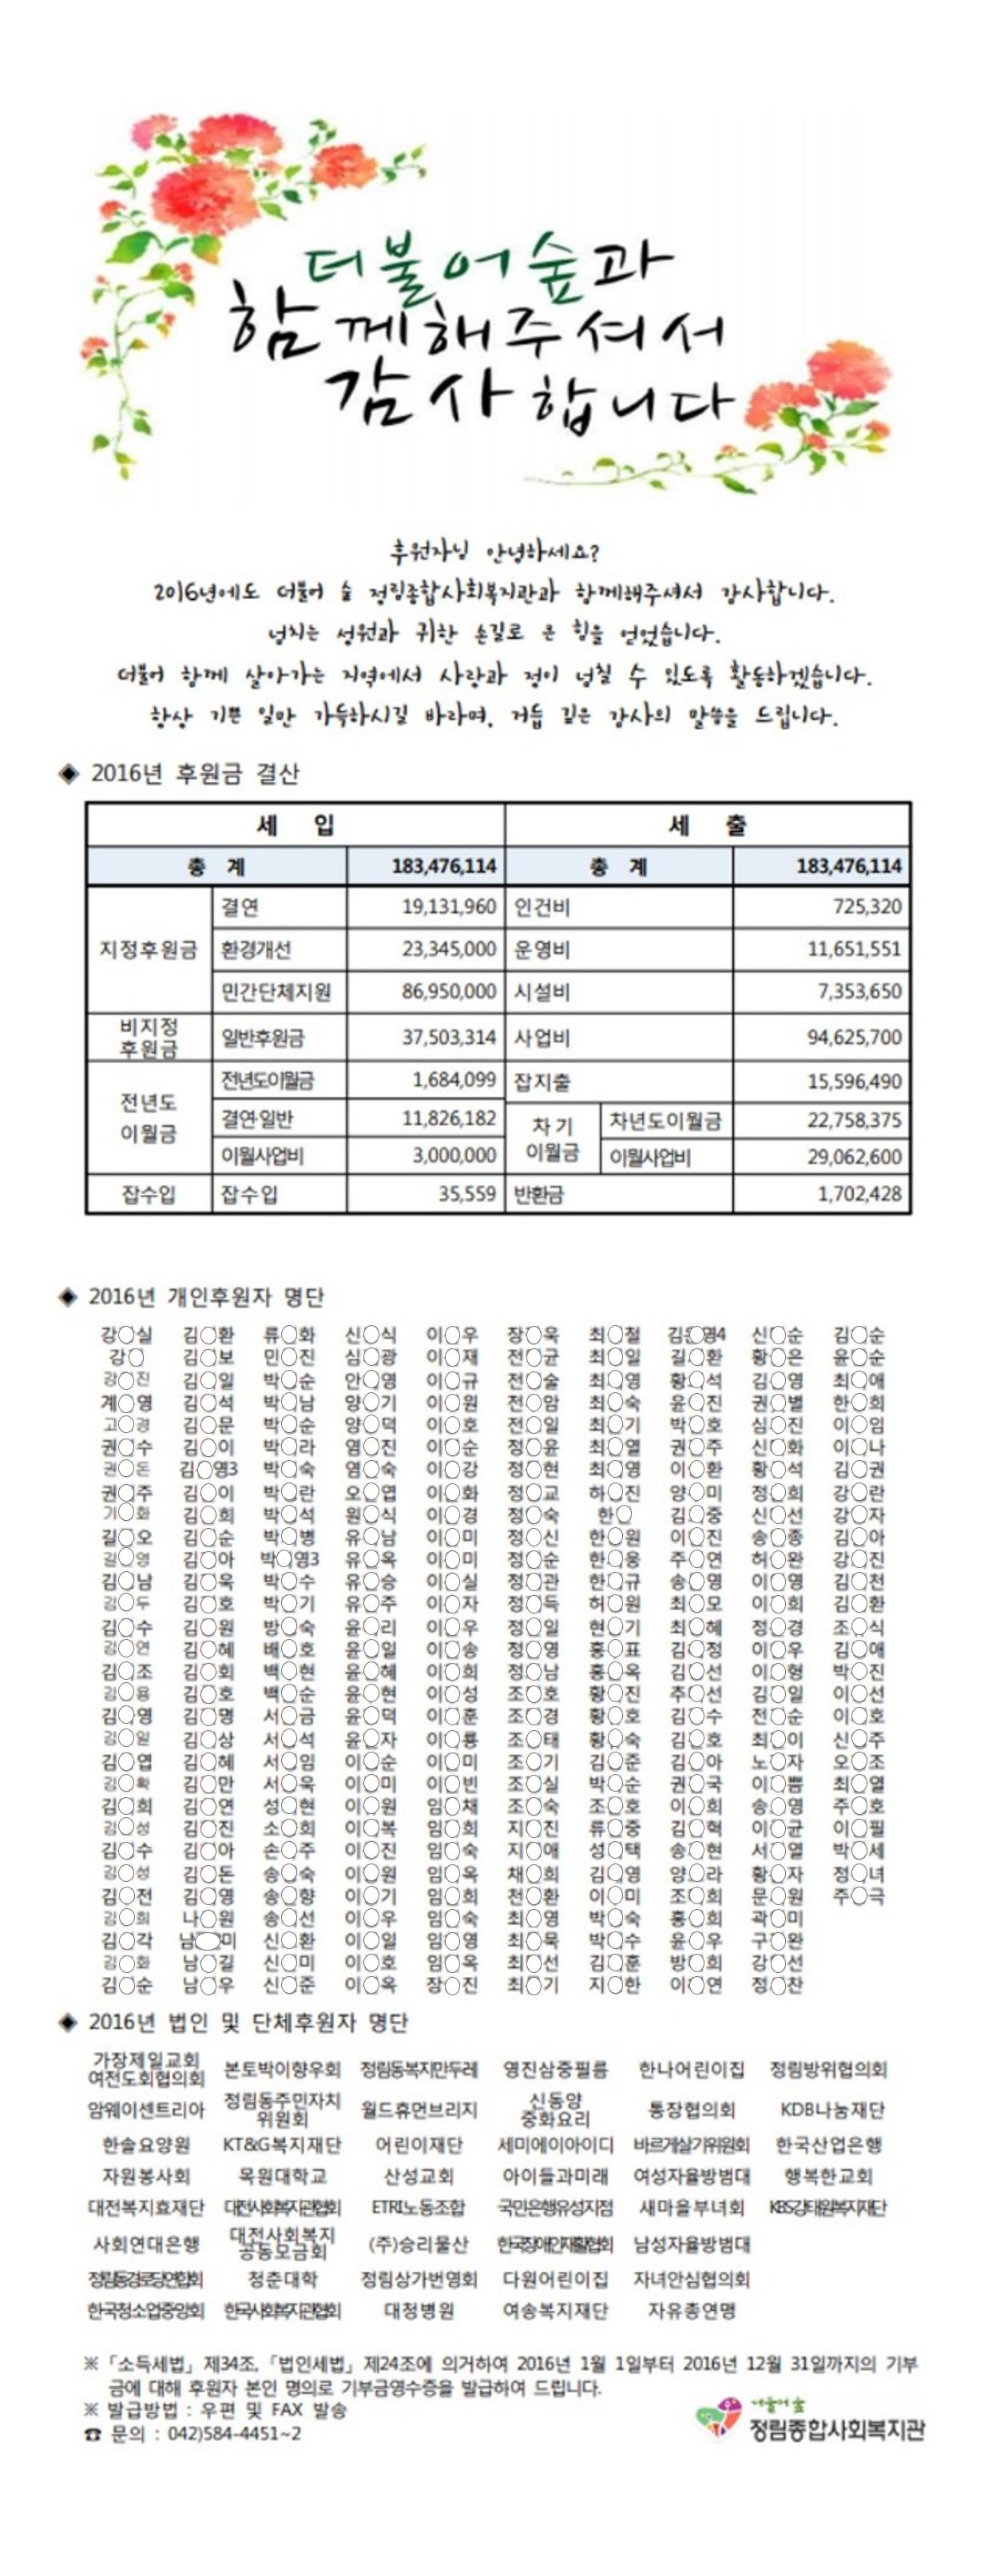 2016 후원금 수입 및 사용 결과 보고